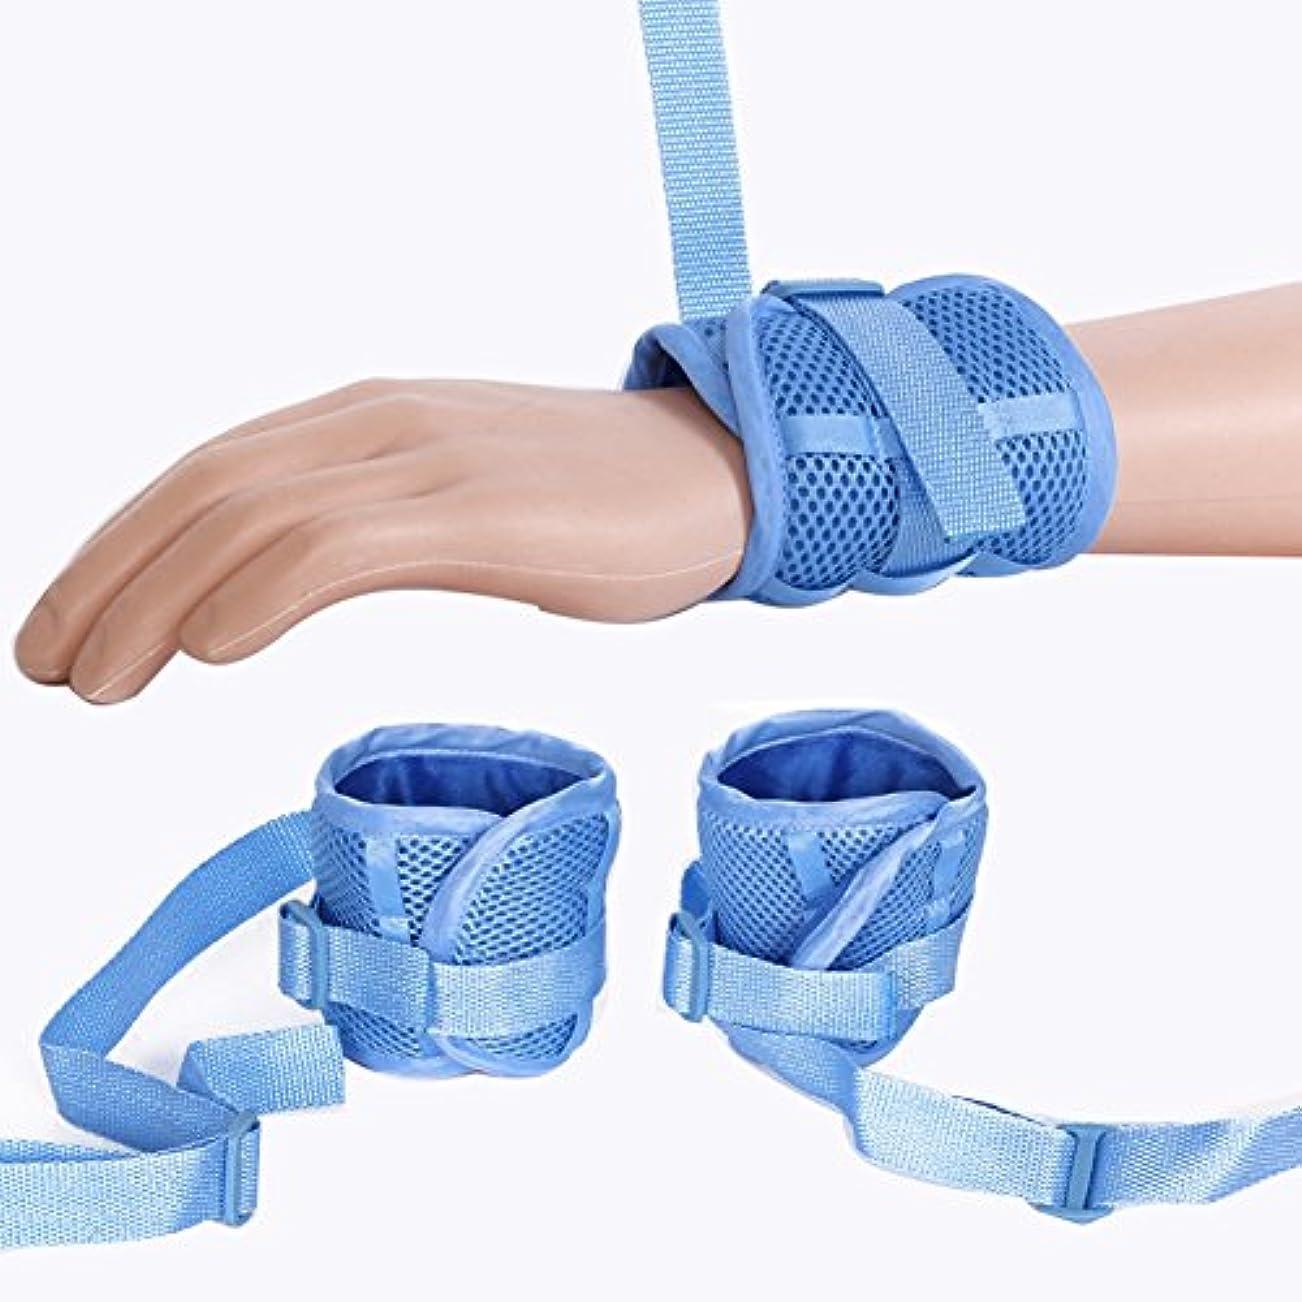 思い出させる詩一掃するコントロール?マット医療用拘束具患者の手の感染用具防護用具ユニバーサル?コントロール防御用固定手袋 - 青色1組